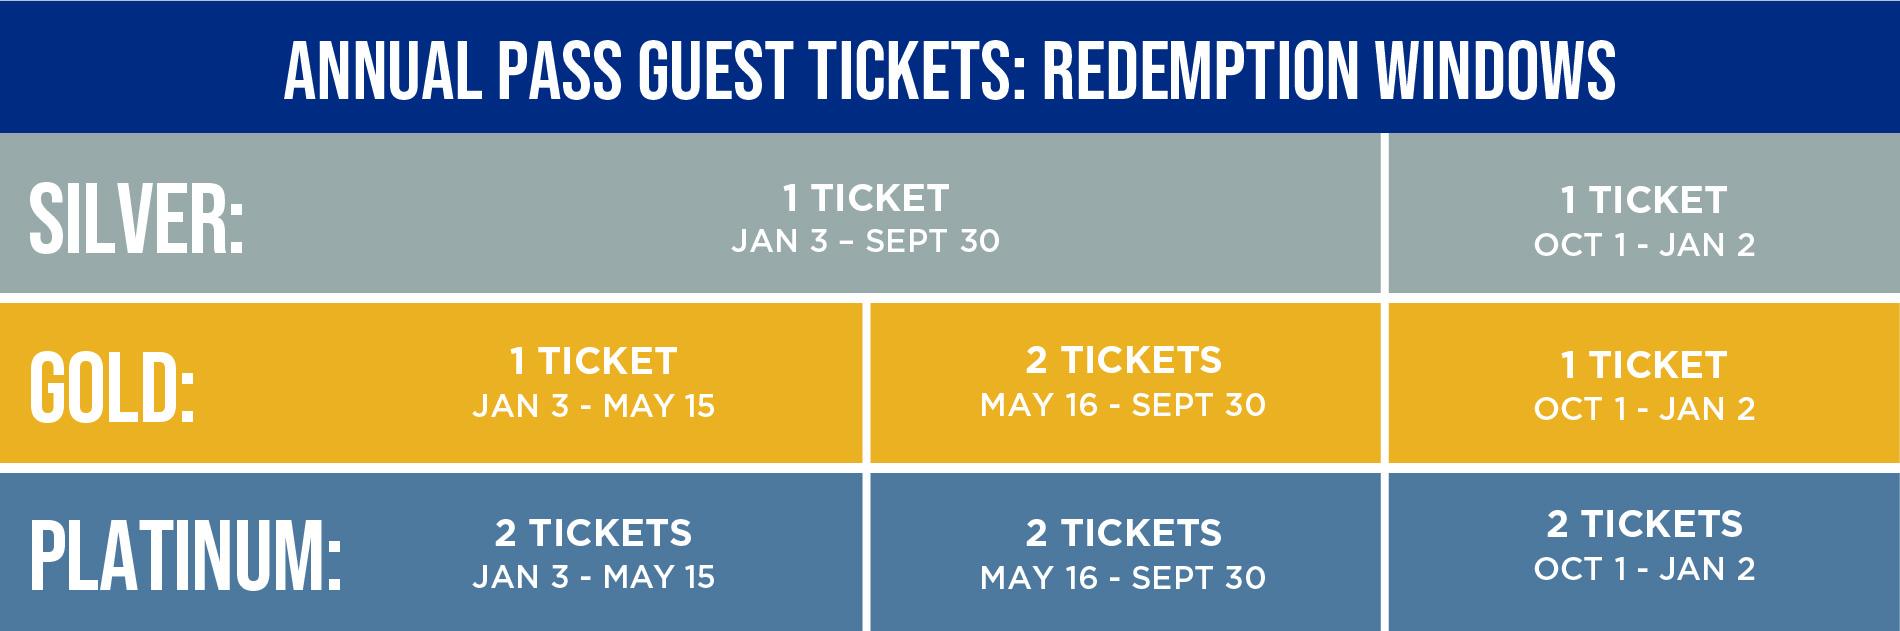 Guest Ticket Redemption Windows